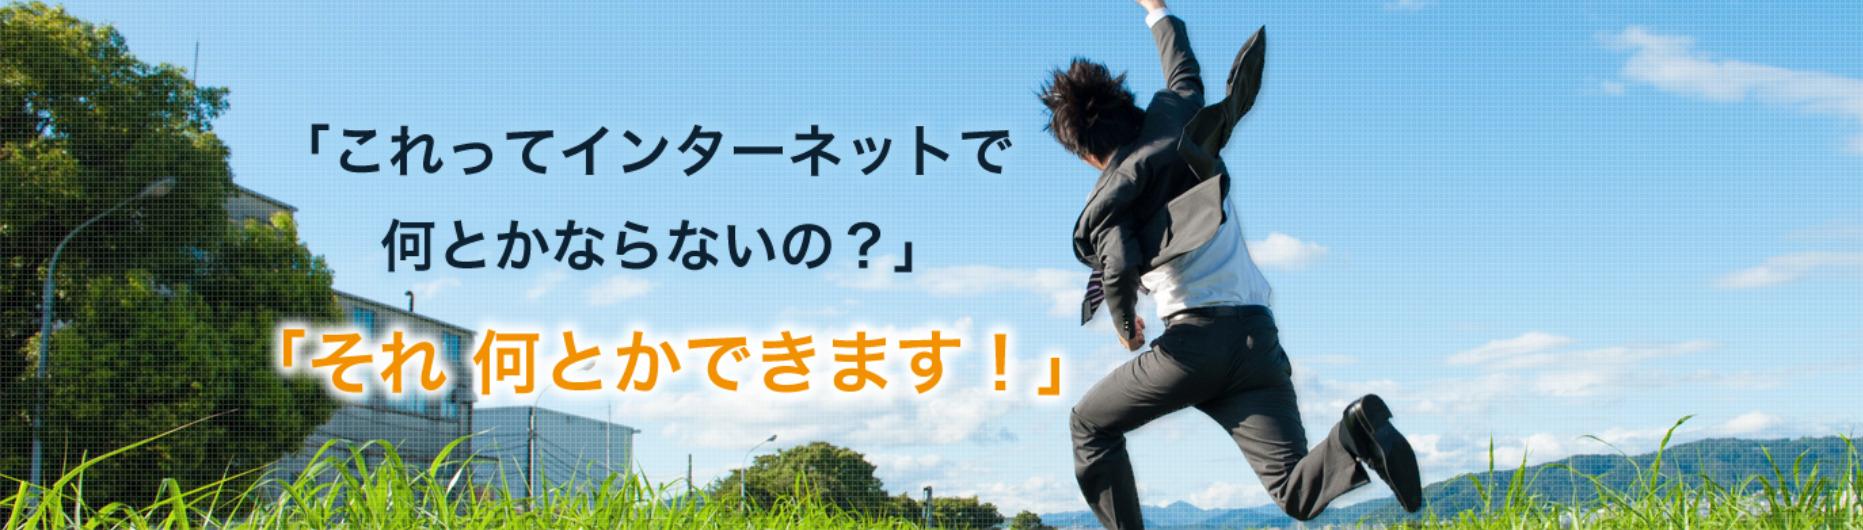 格安料金でホームページ制作OK【株式会社コネックス】